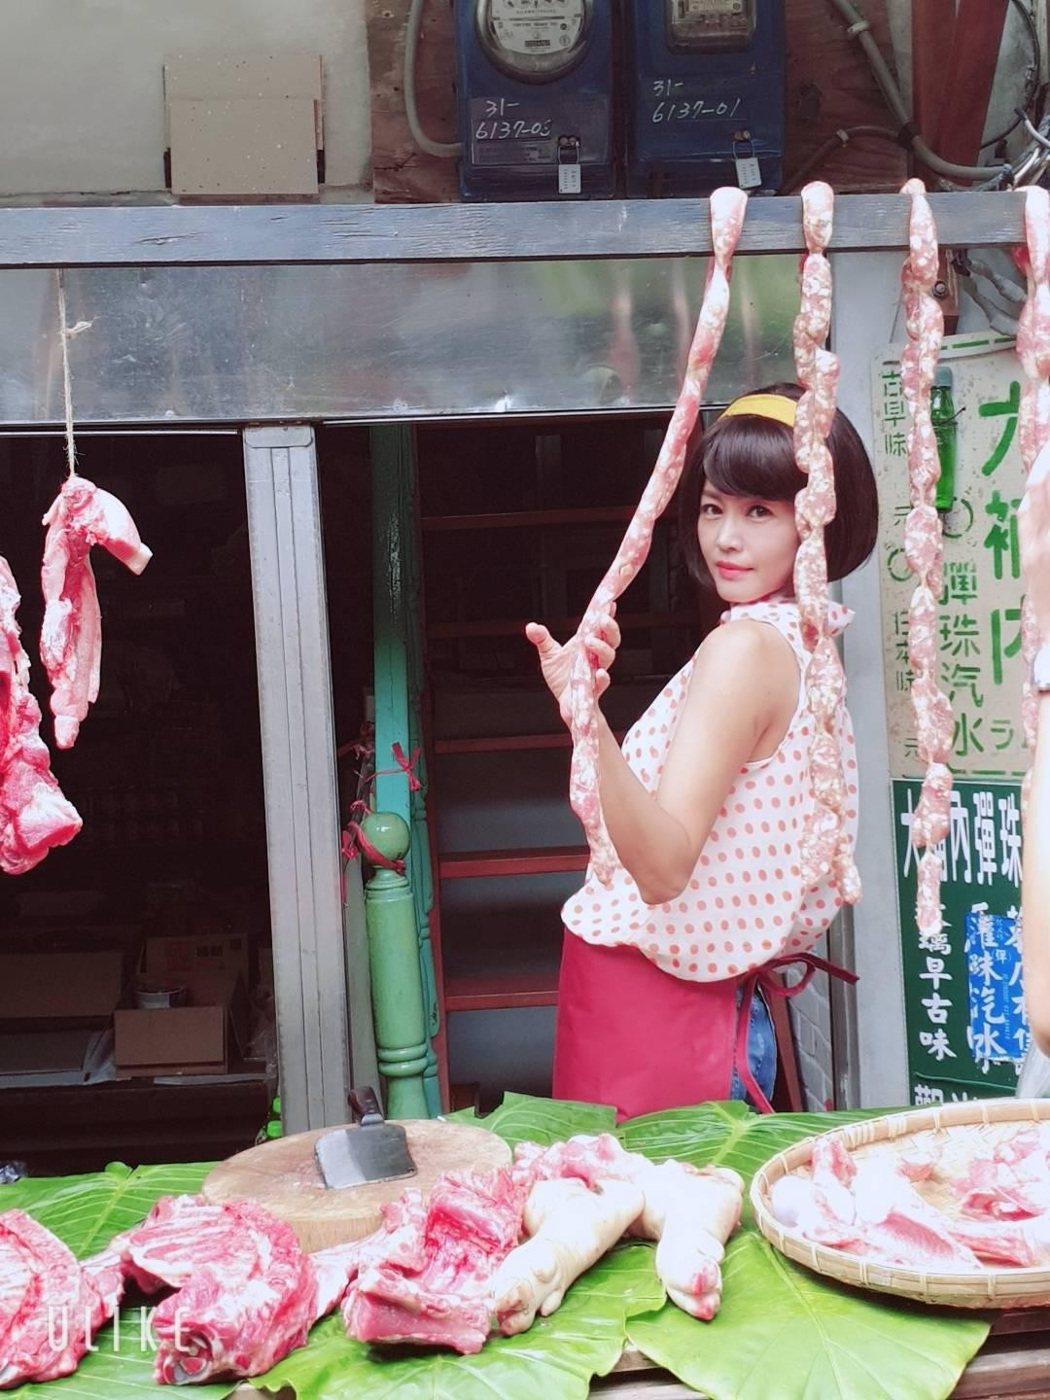 張䕒心在「多情城市」戲中飾演豬肉西施。圖/民視提供